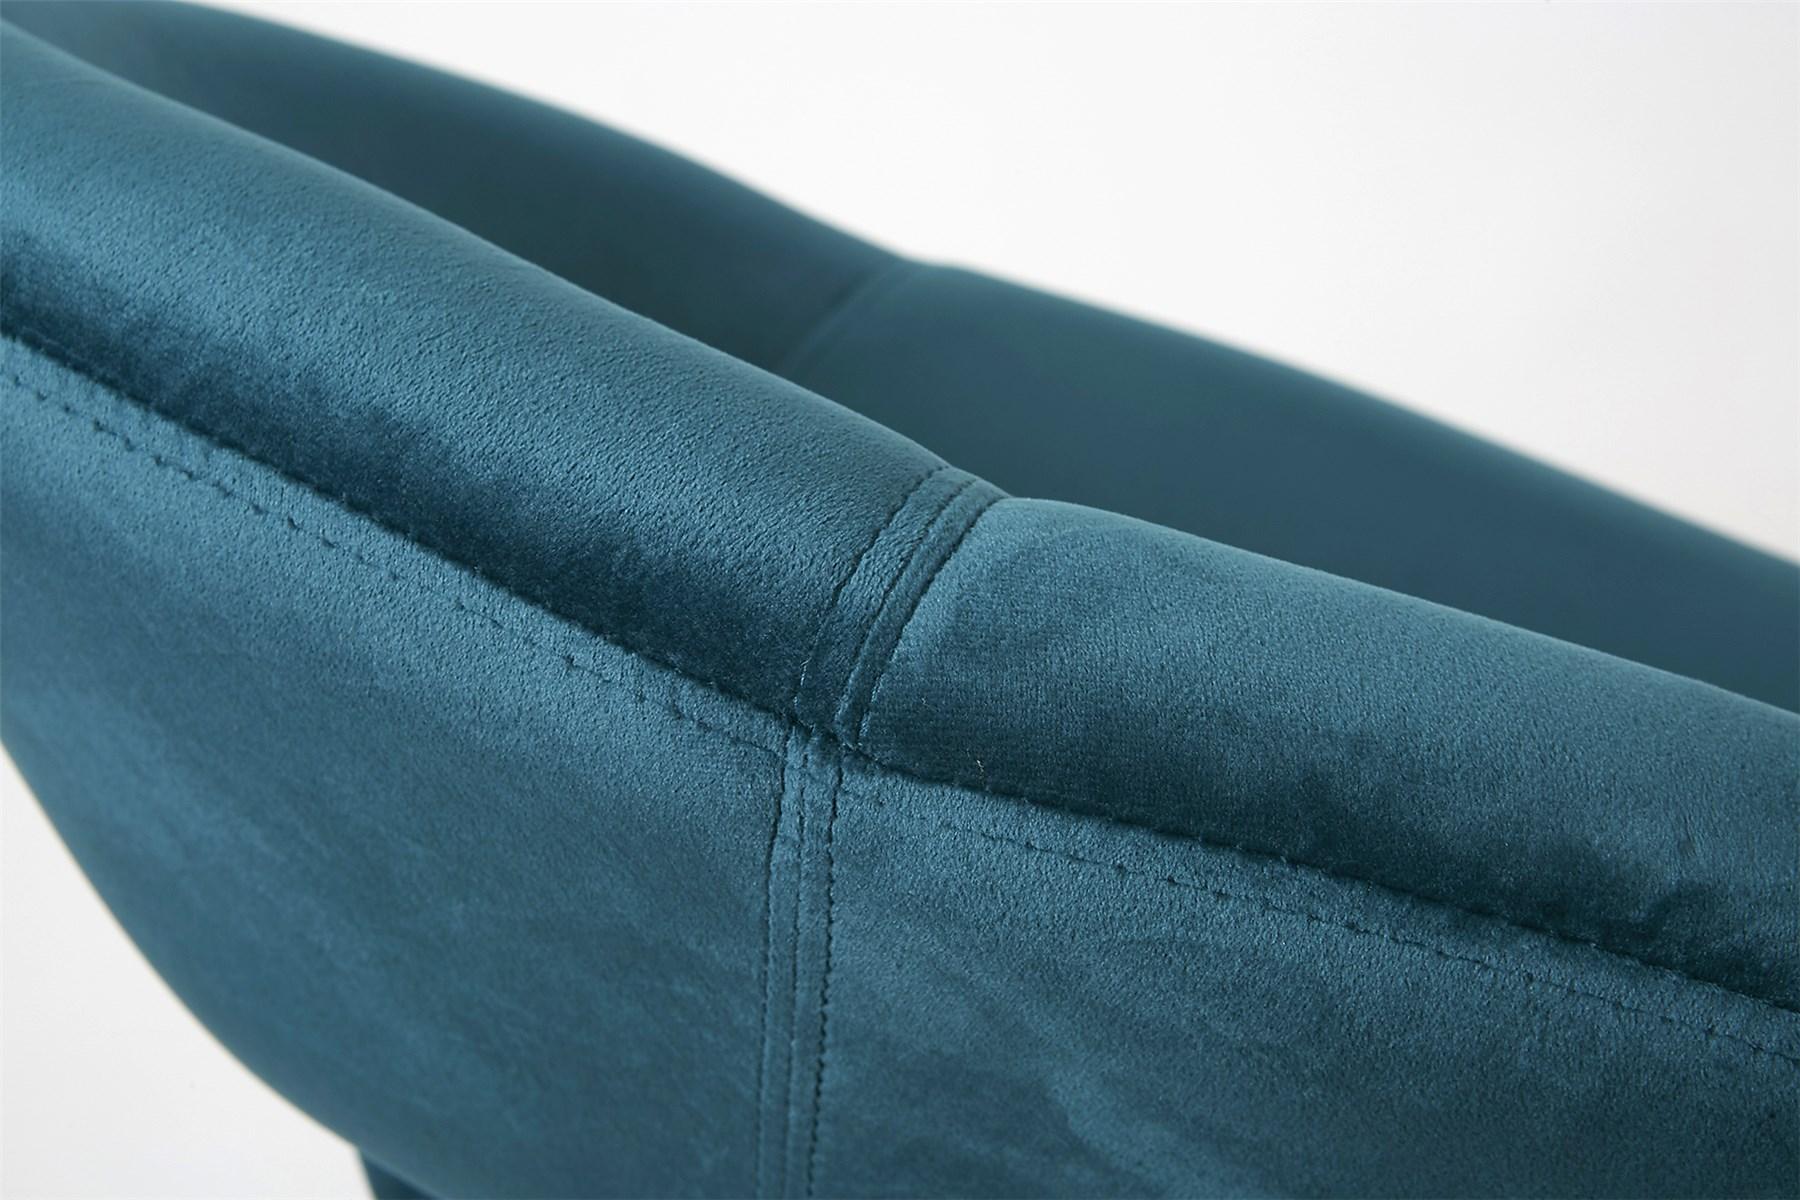 29622-silla-curve-azul-noche-terciopelo-1.jpg